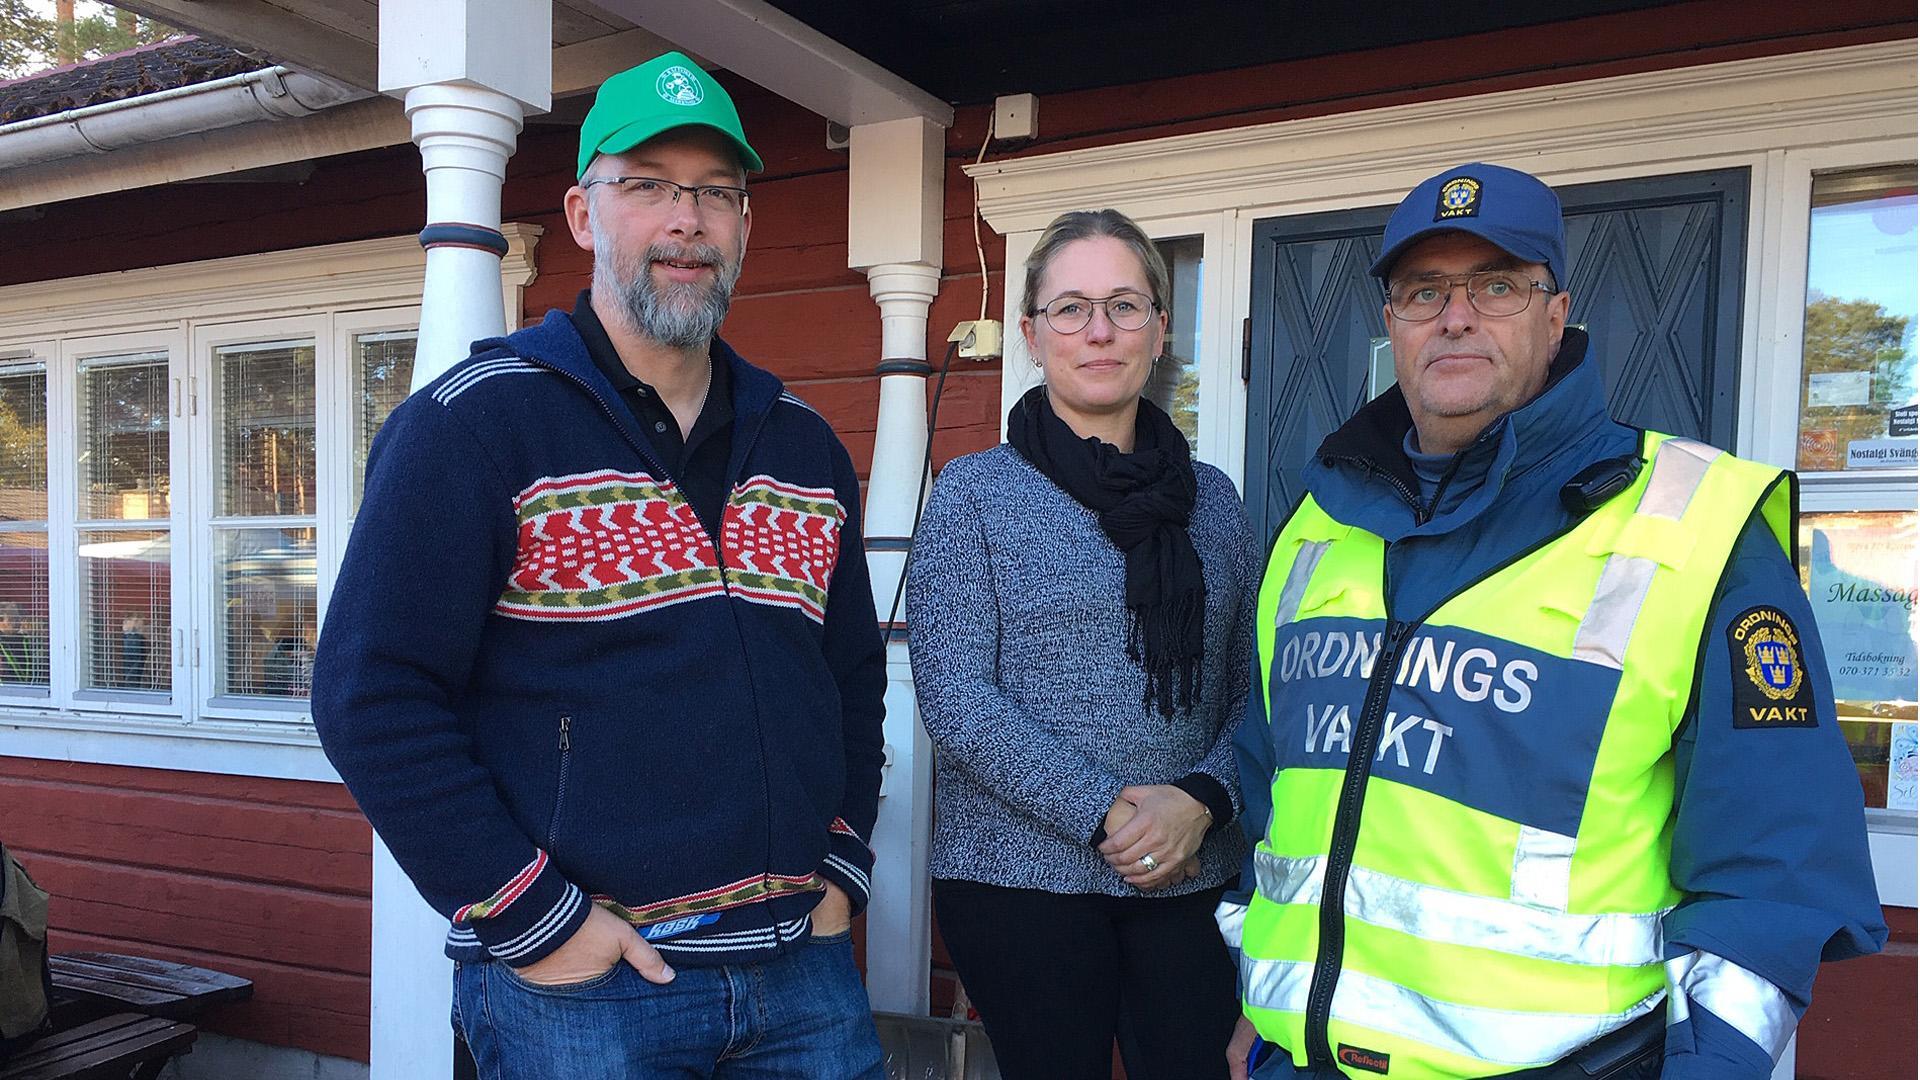 Magnus Wikman (till vänster) har gjort sin sista dag på marknaden. Istället har Stina Lovén Adeström (mitten) tagit över jobbet som marknadsgeneral. Den som ordnar med vaktstyrkorna är Gert från Falun (till höger).